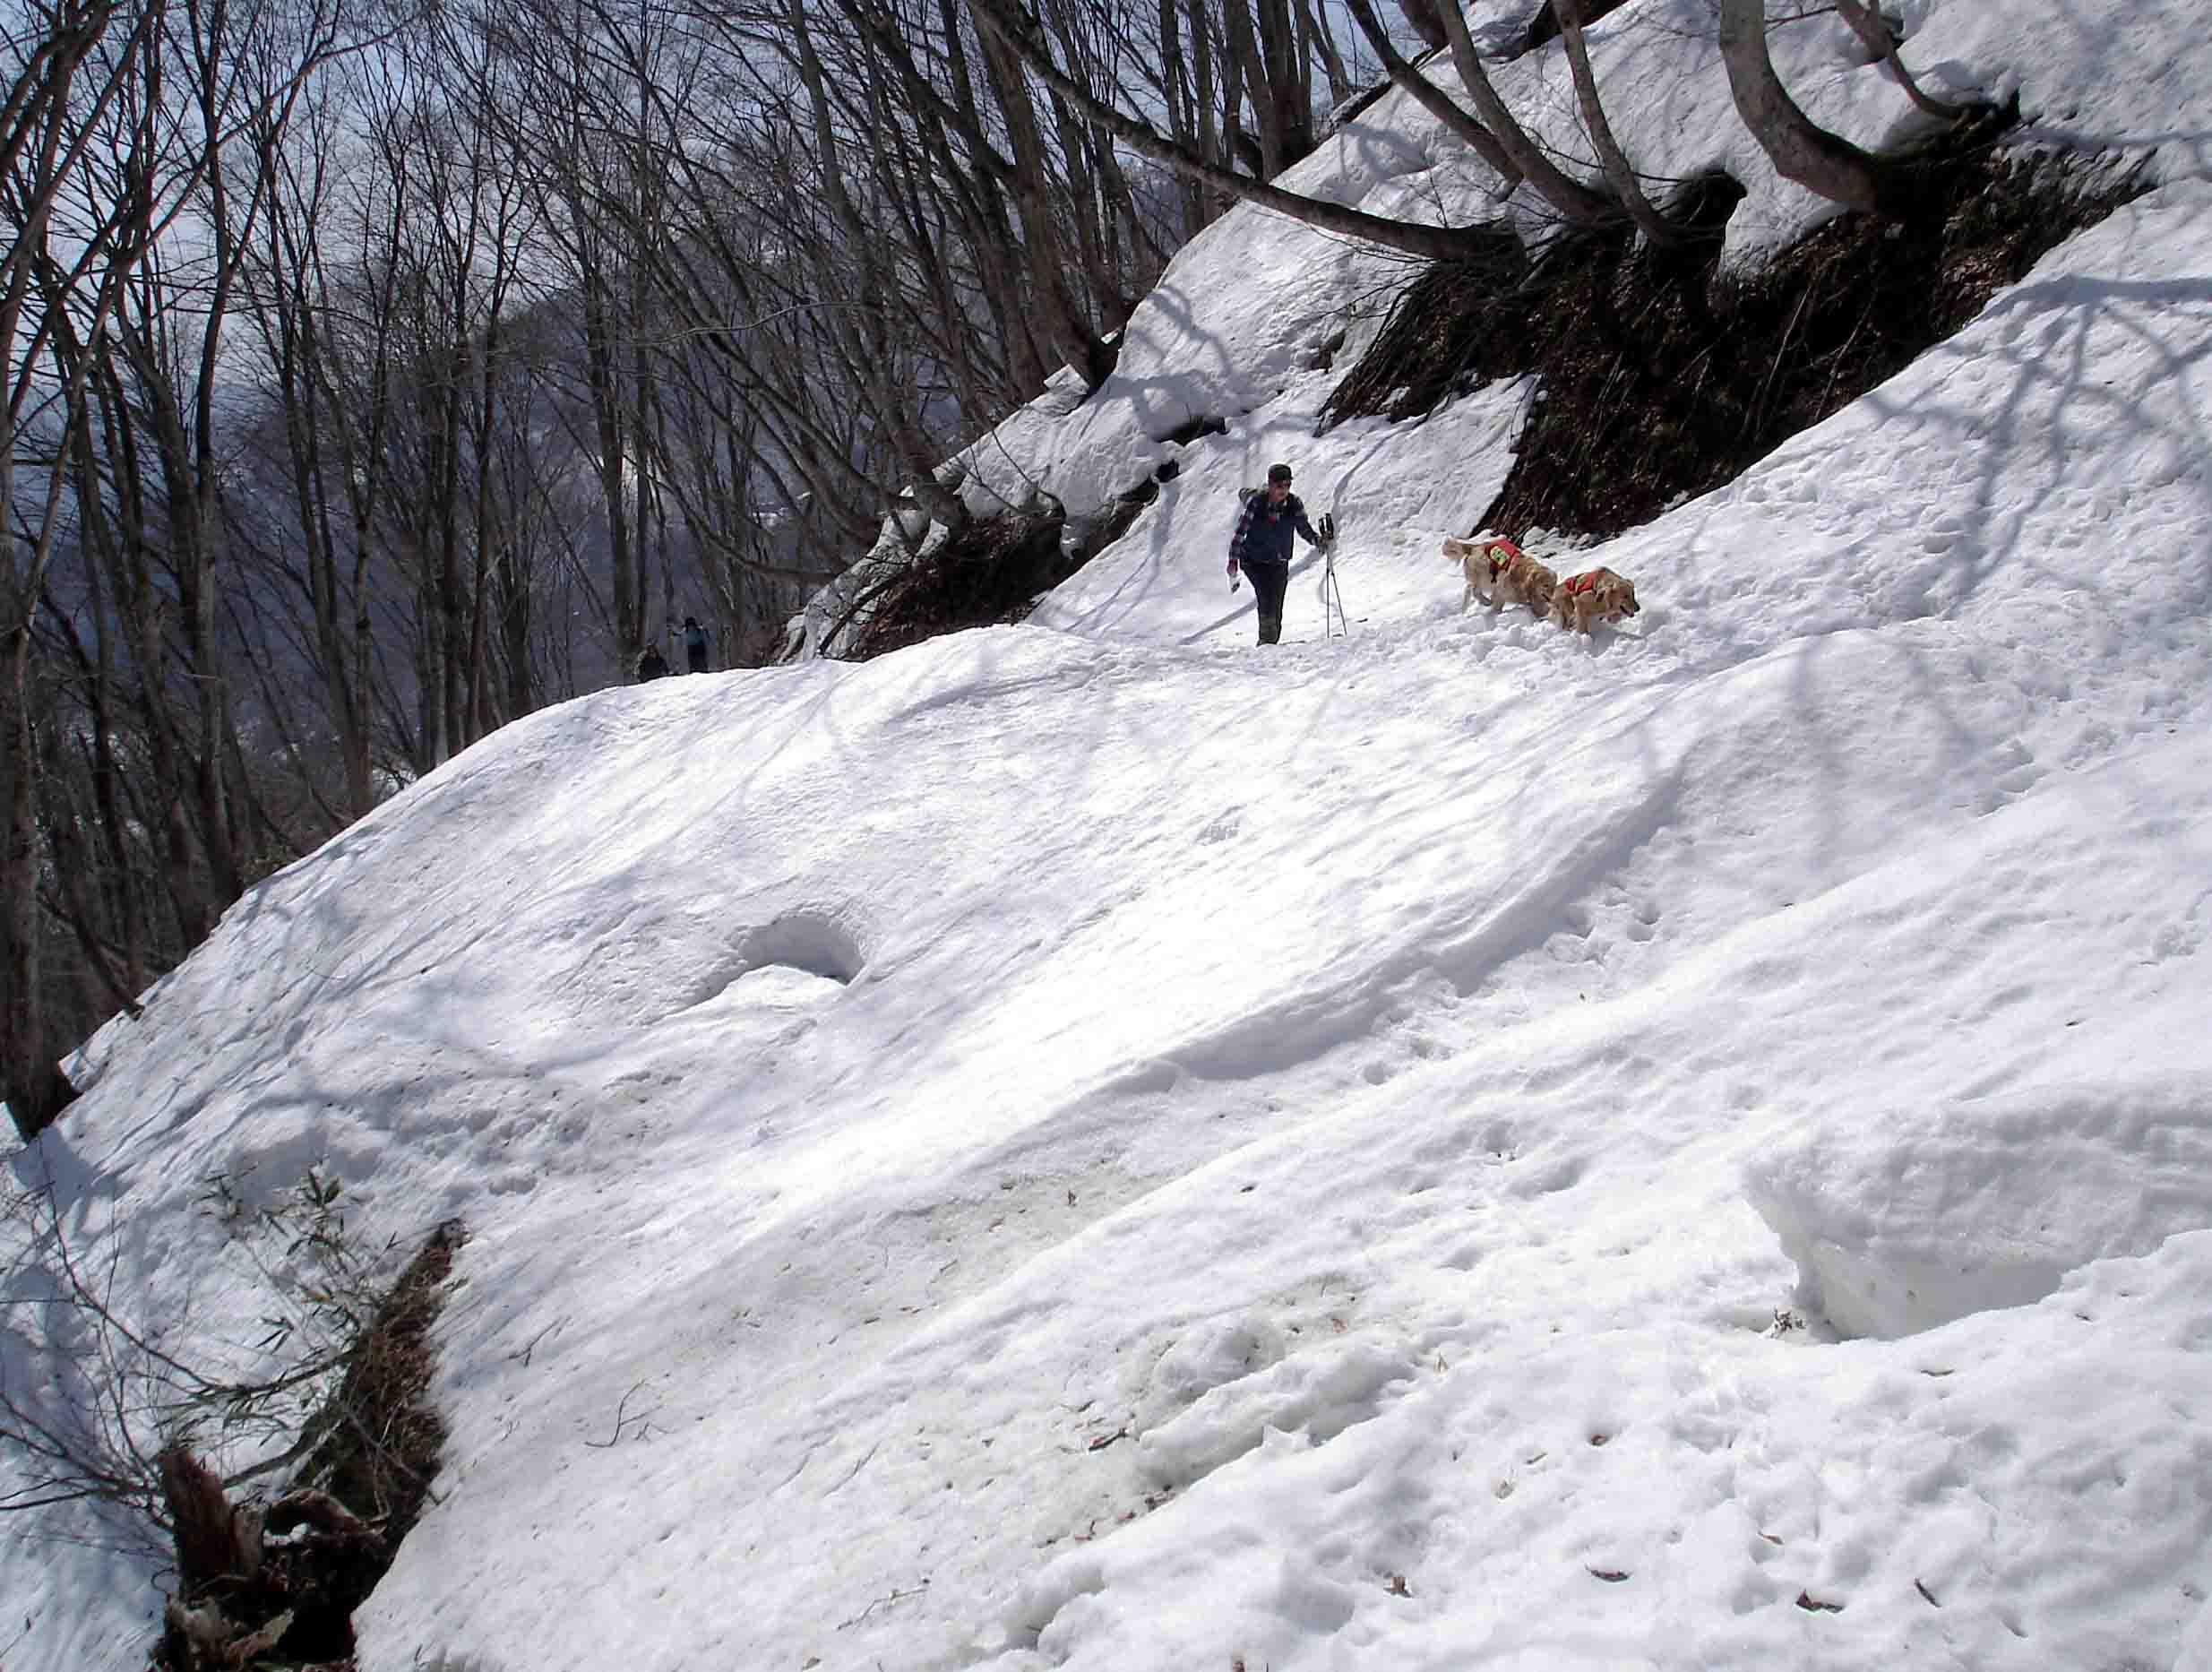 雪中訓練(3) マチガ沢への道